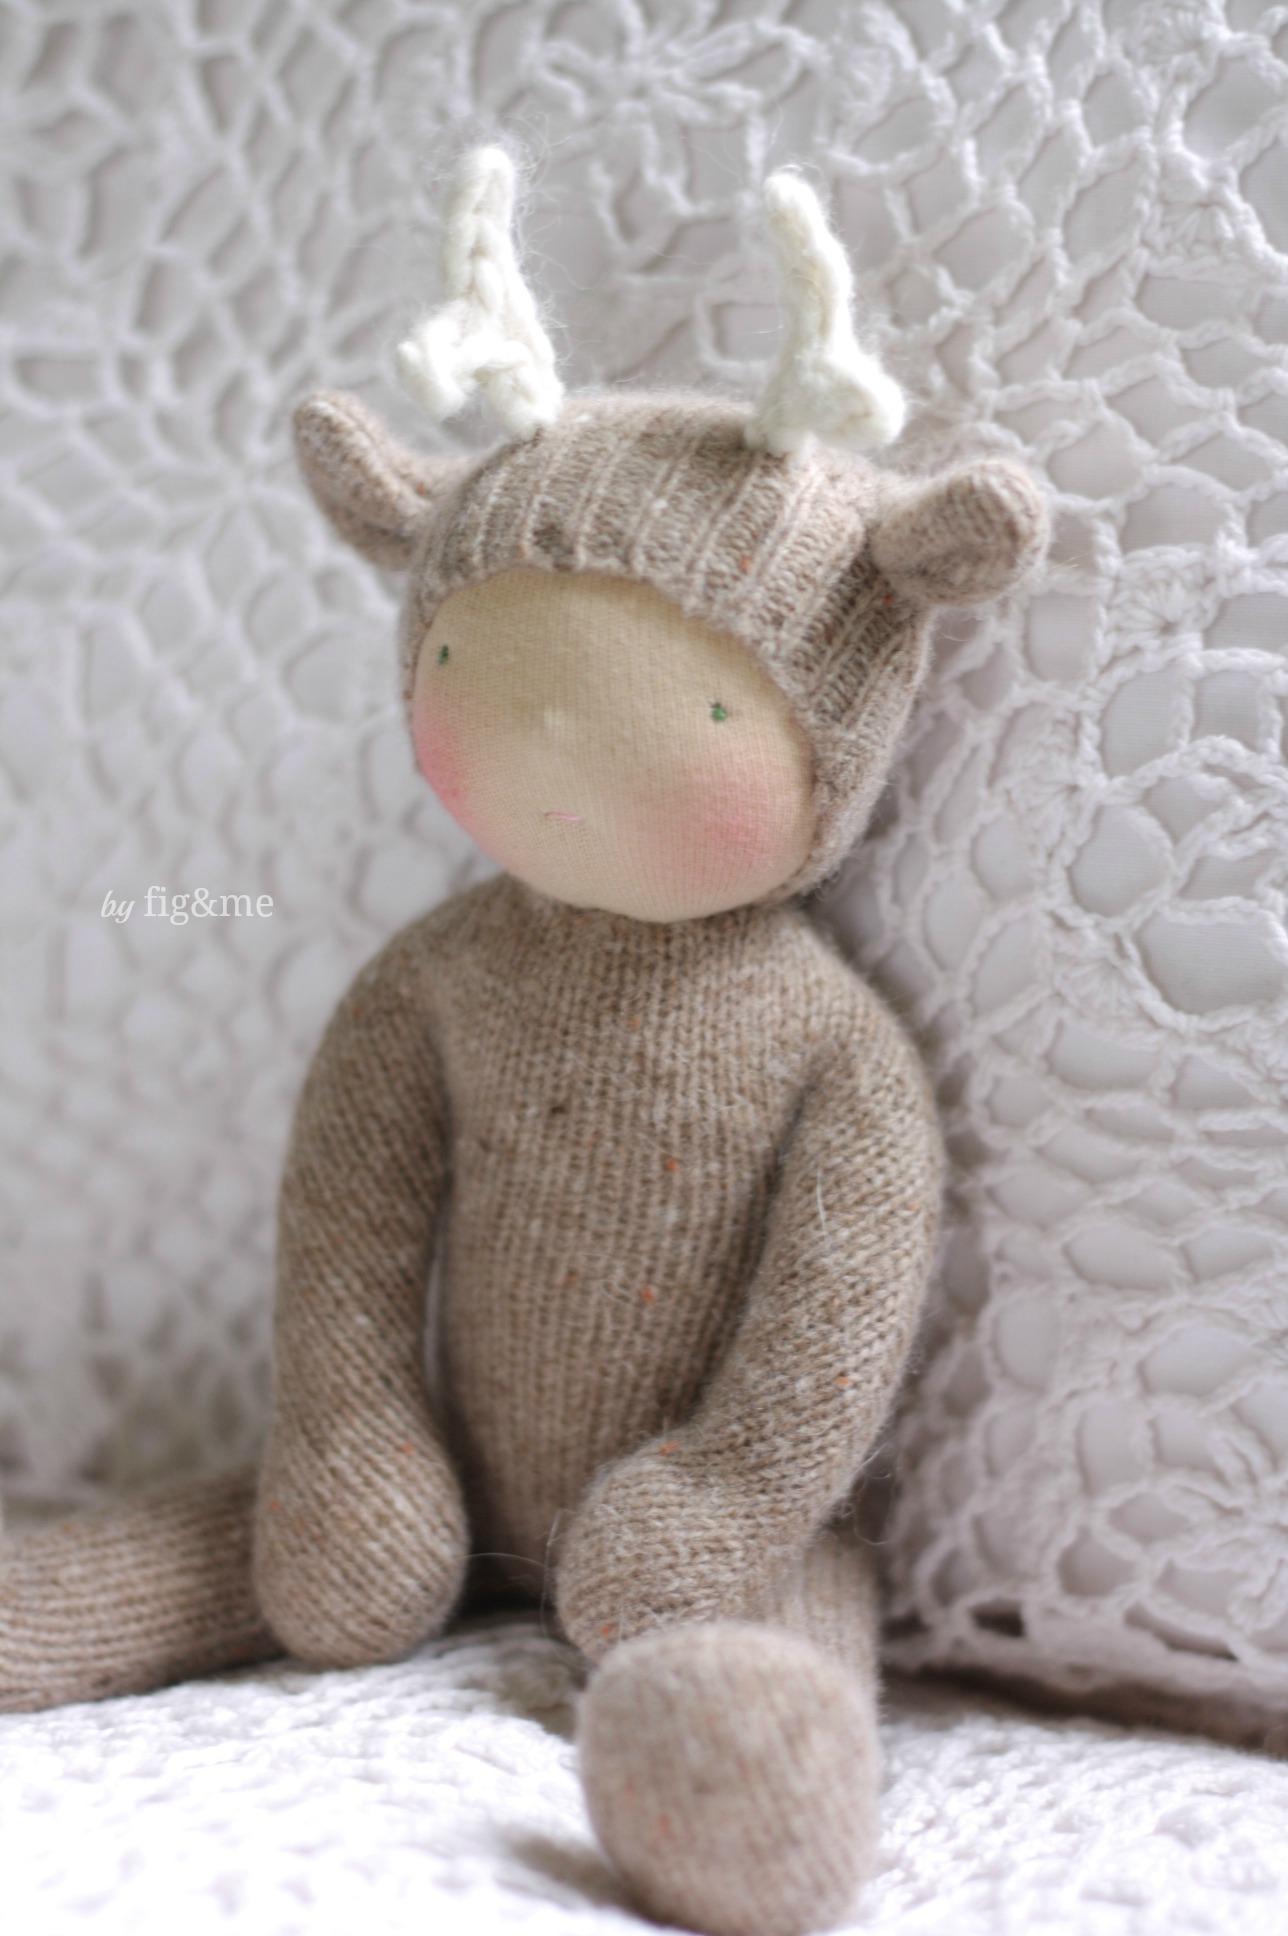 Miss Lara, a Wee Baby deer by Fig&me